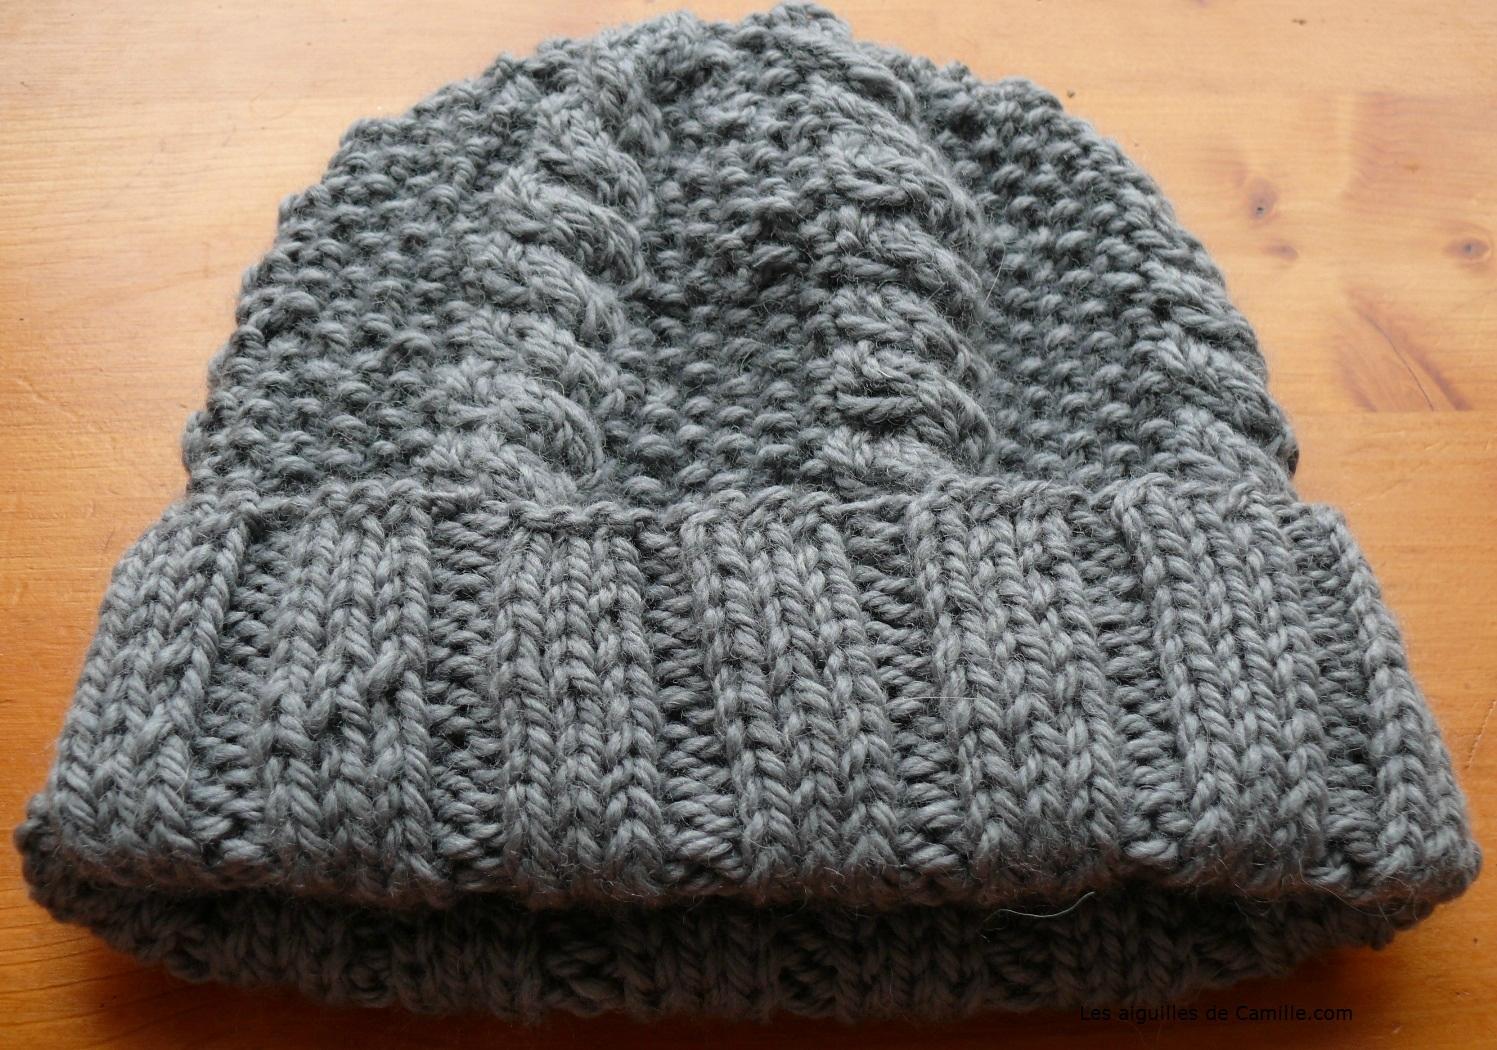 Tricoter un bonnet de laine pour femme - Idées de tricot gratuit dd07021b419